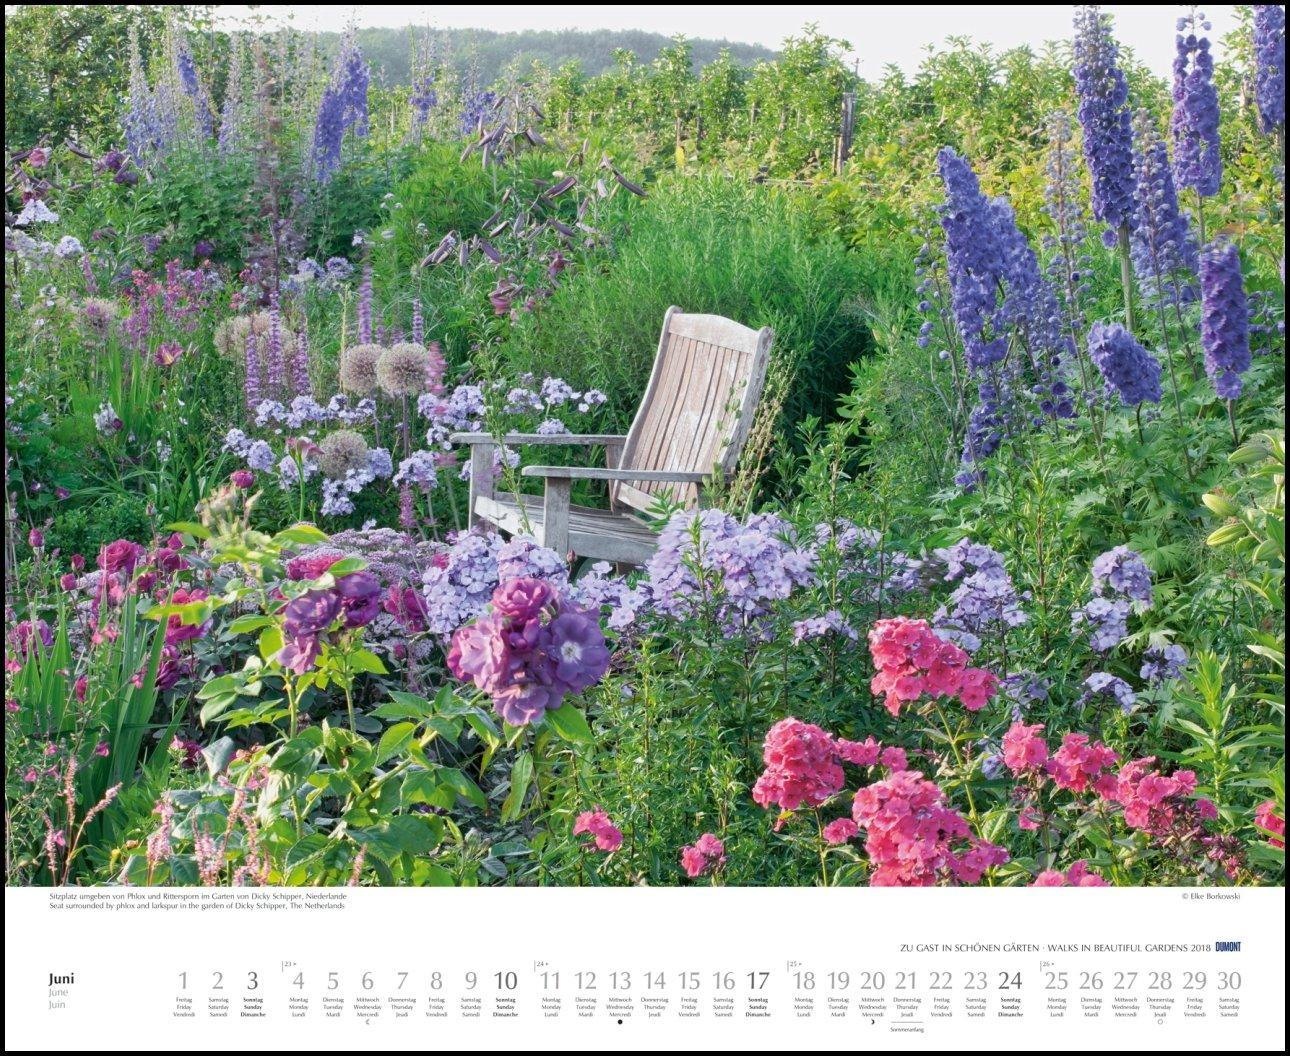 Zu Gast In Schönen Gärten 2018 Dumont Garten Kalender Amazonco